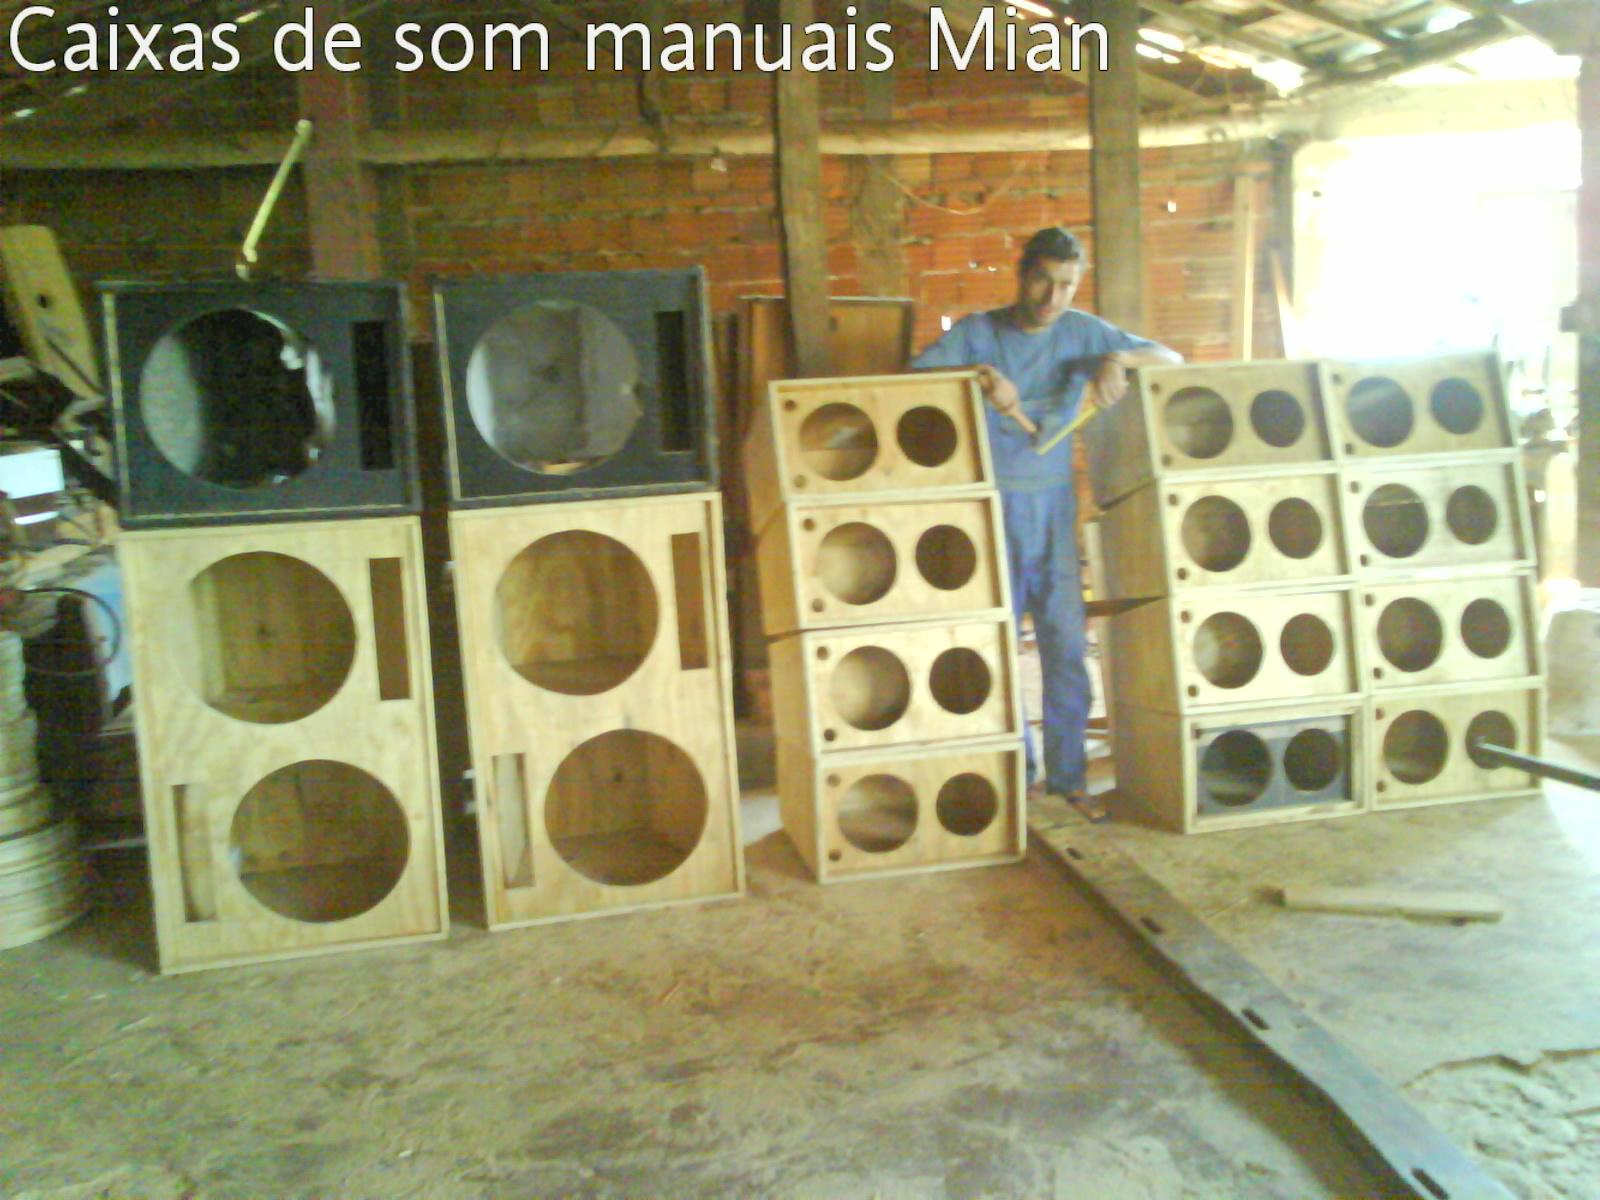 Cultura de Guaranesia (Minas Gerais) : Mian e as caixas de som e  #956D36 1600x1200